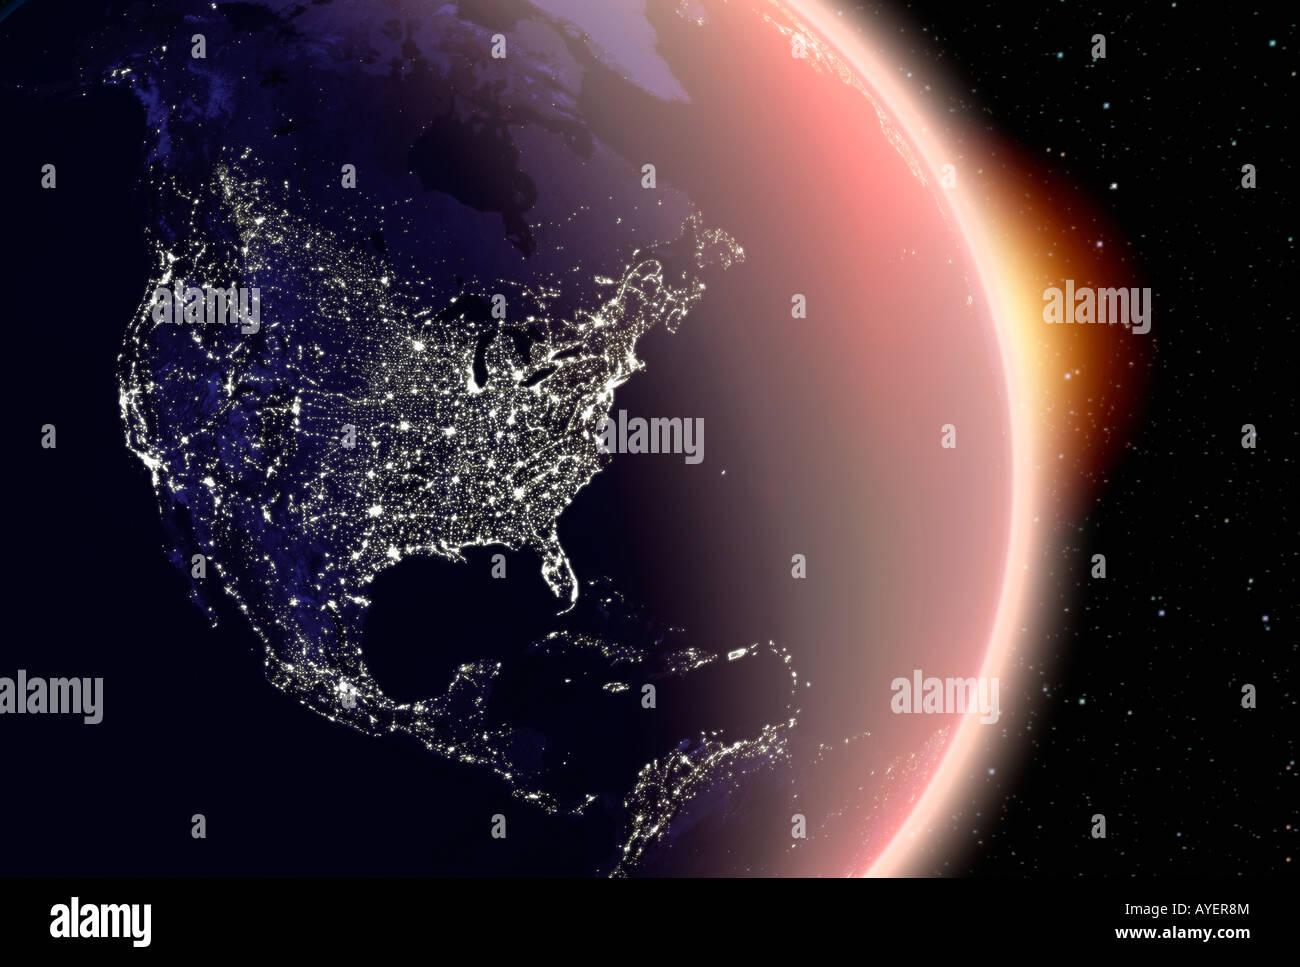 Satellitenbild Der Erde Nordamerika Bei Nacht Stockfoto Bild